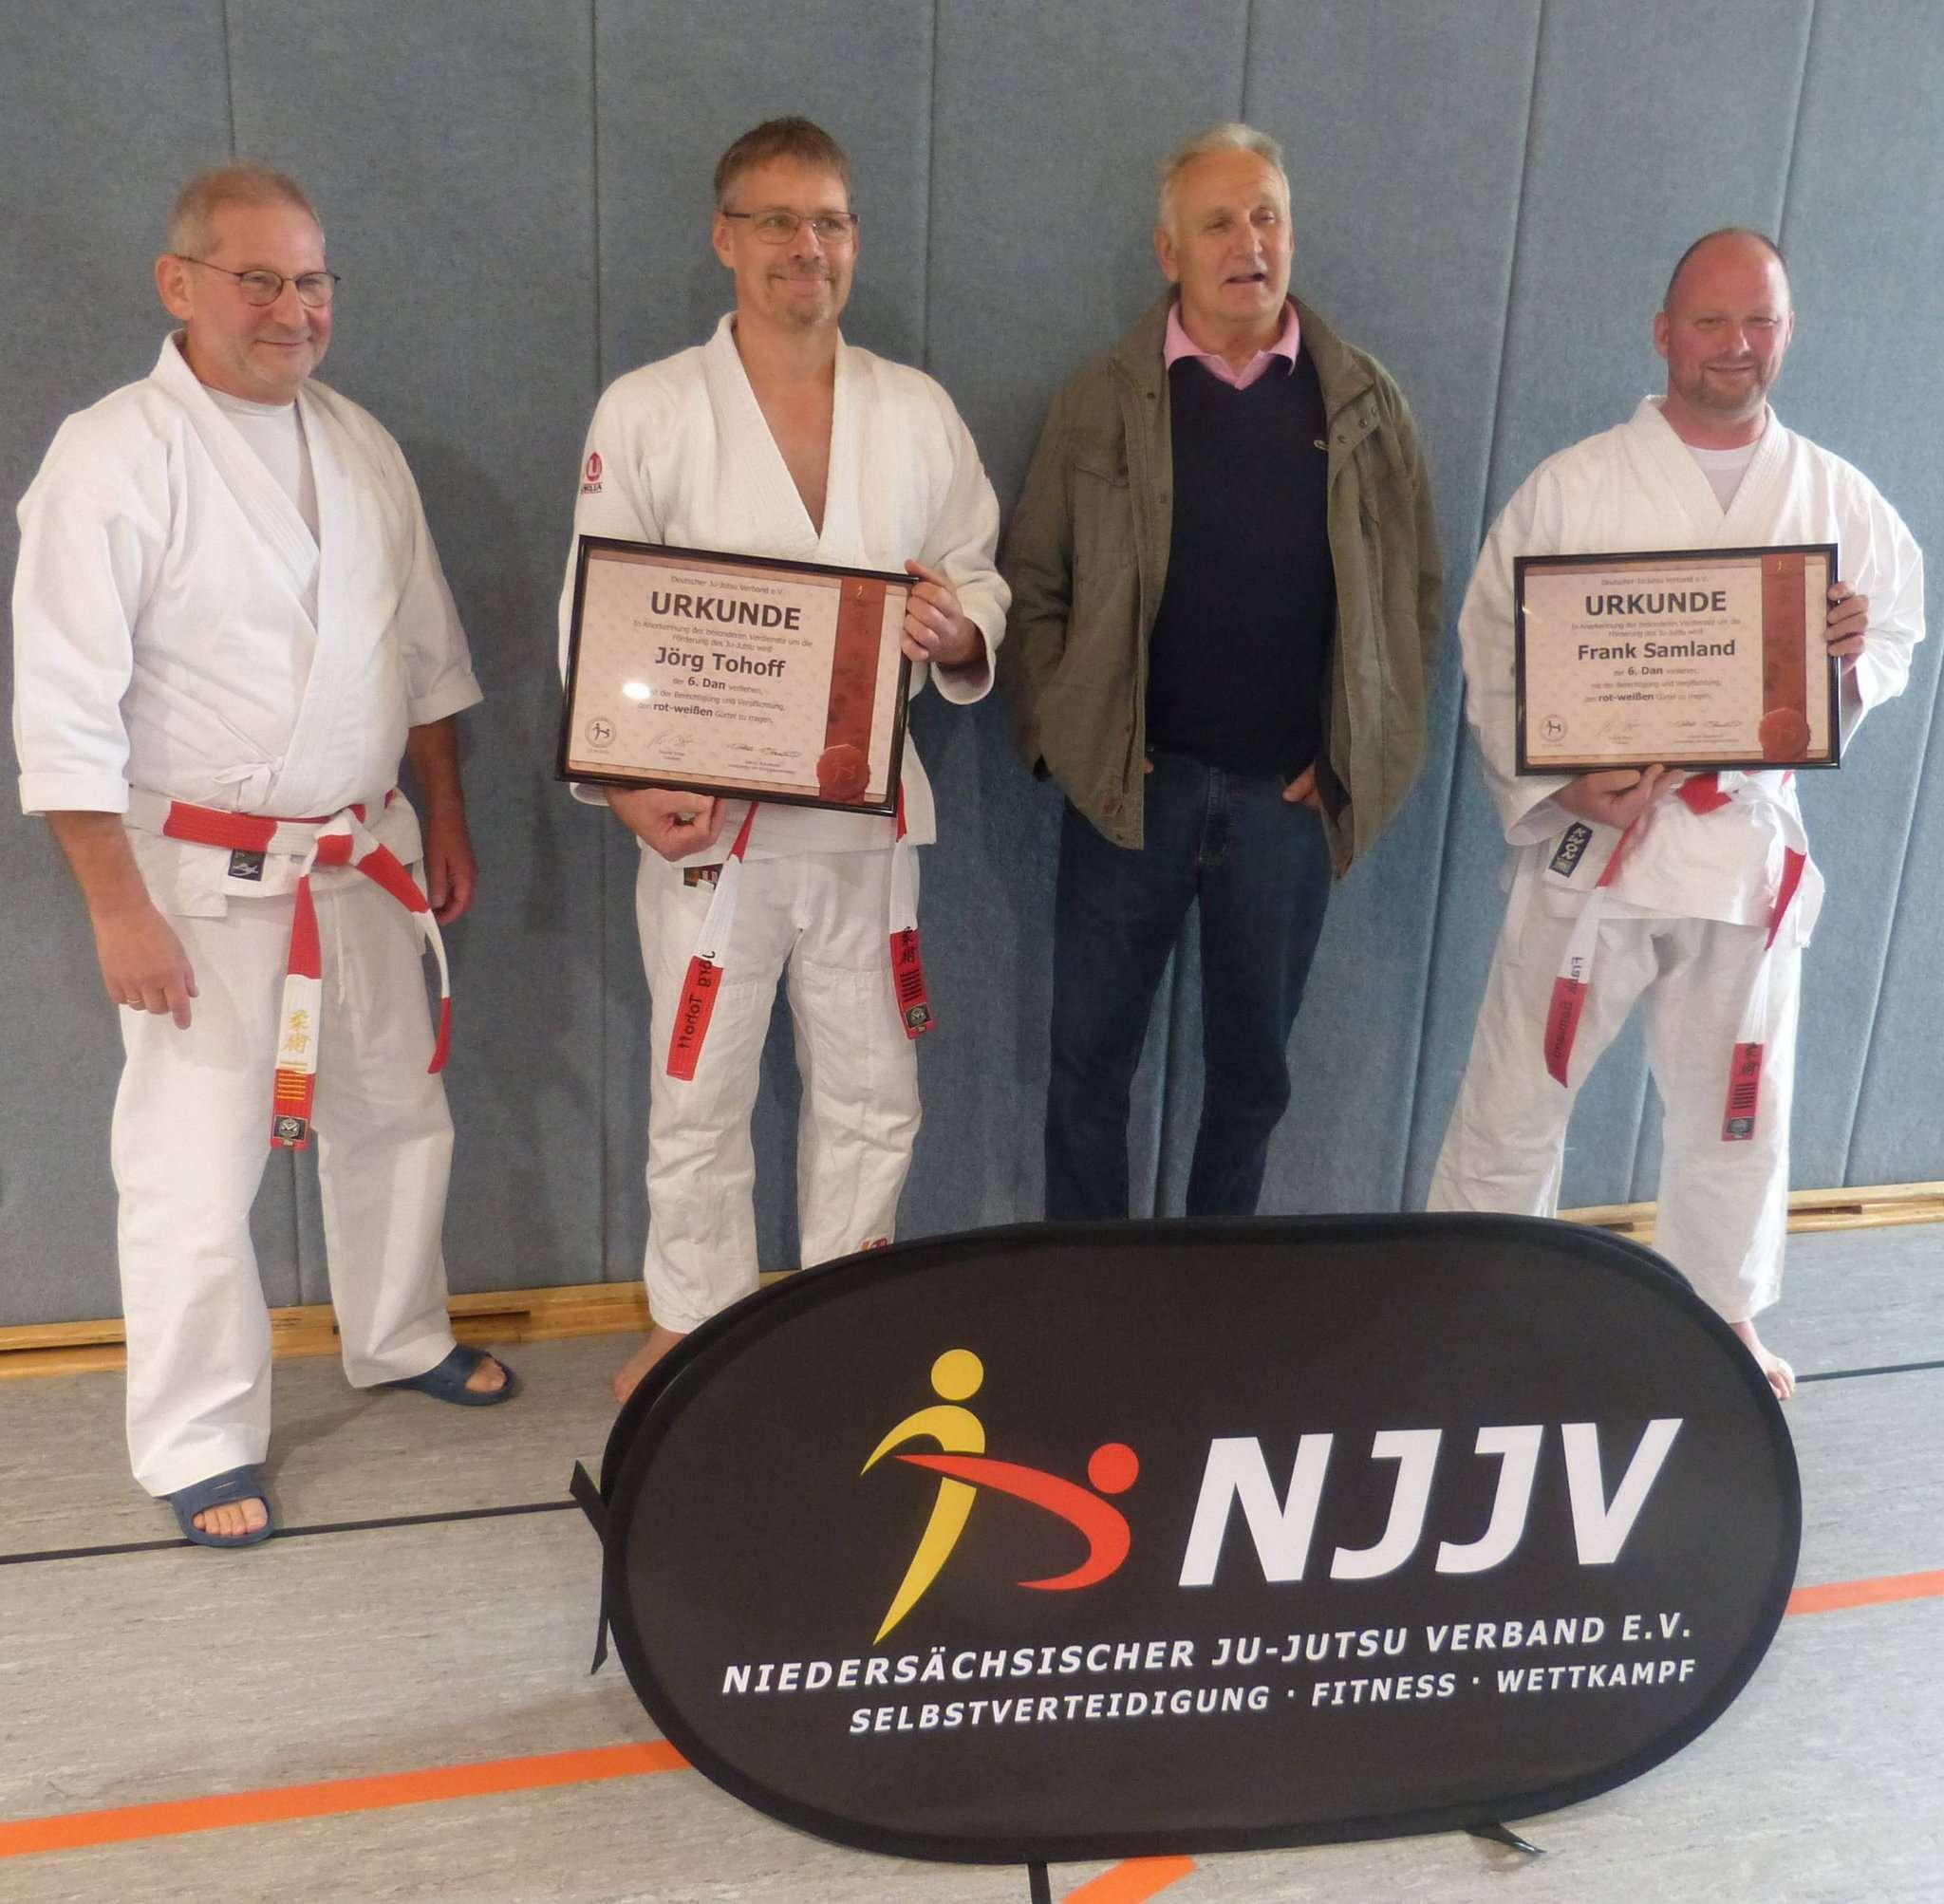 Hans Radke (von links) ehrte Jörg Tohoff und Frank Samland u2013 im Beisein von Dieter Siewers (zweiter von rechts), früherer und erster Trainer des TuS Bothel.